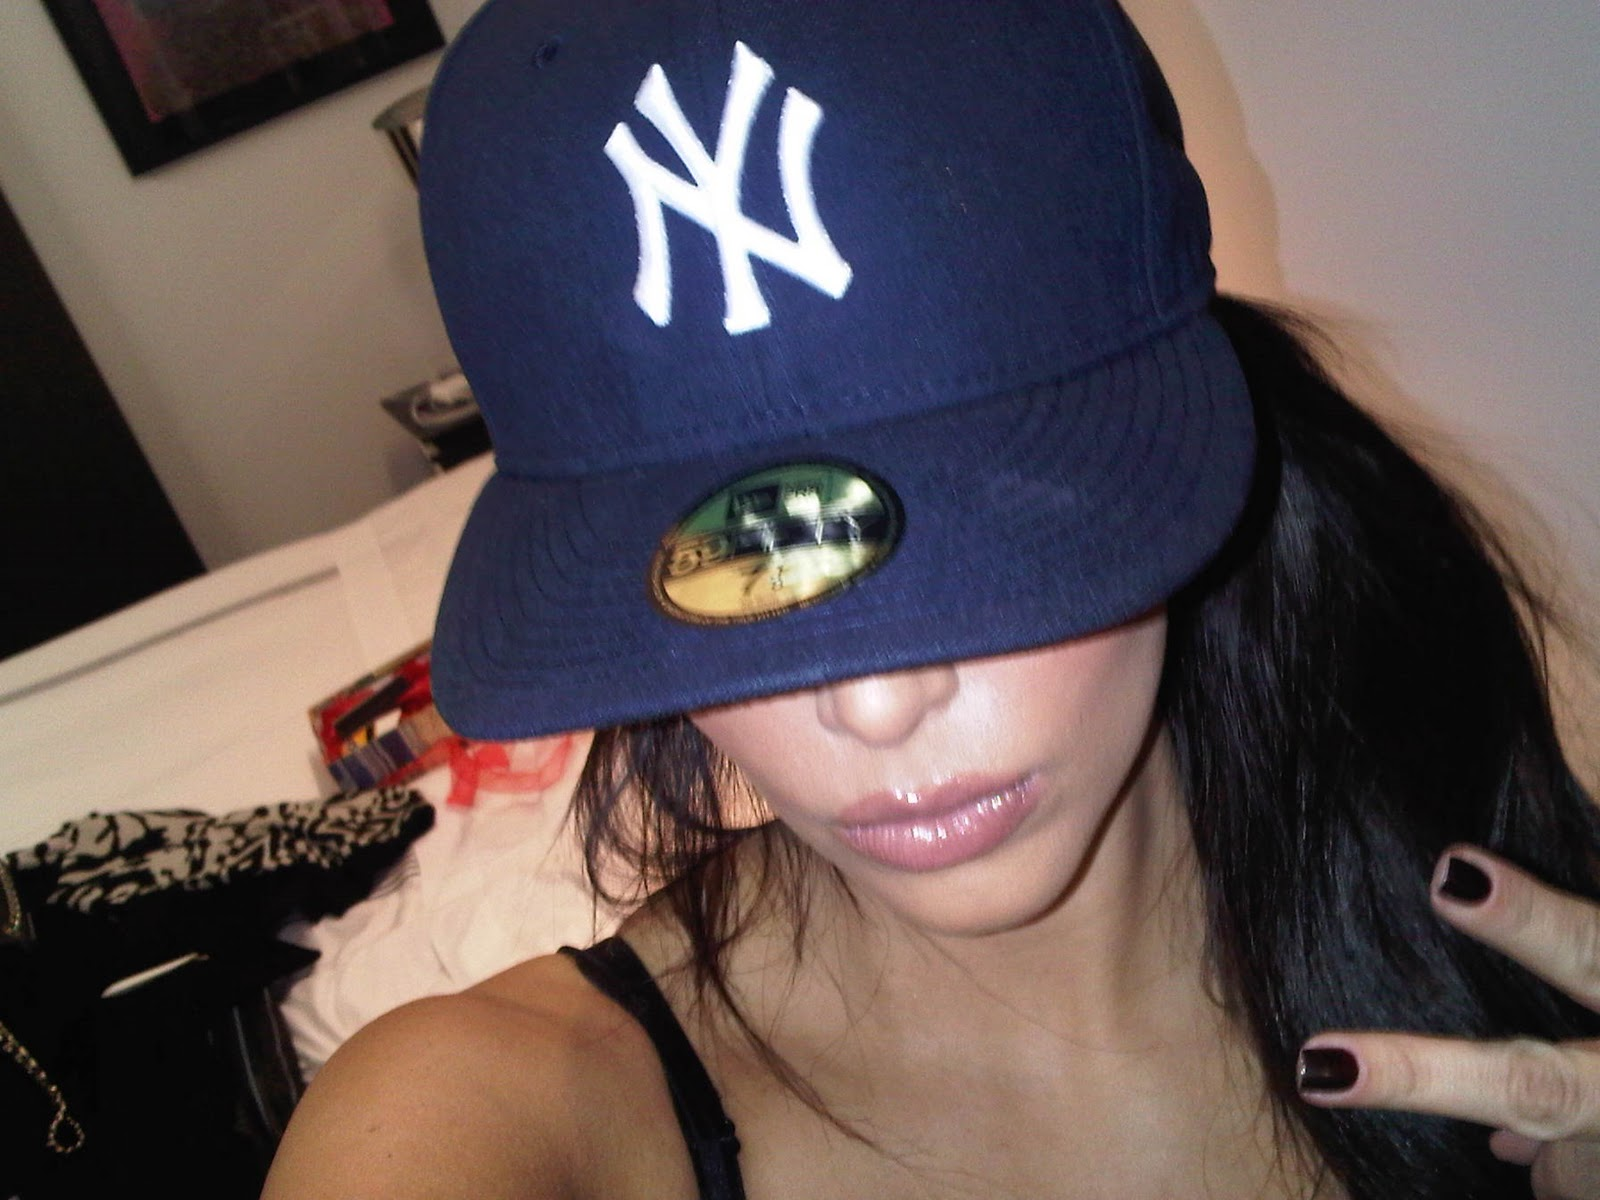 http://4.bp.blogspot.com/_6i4VPSyuwsM/TLBjPgPm3VI/AAAAAAAAA1E/UXOKa2El0-4/s1600/Kim+Kardashian+twitpic.jpg